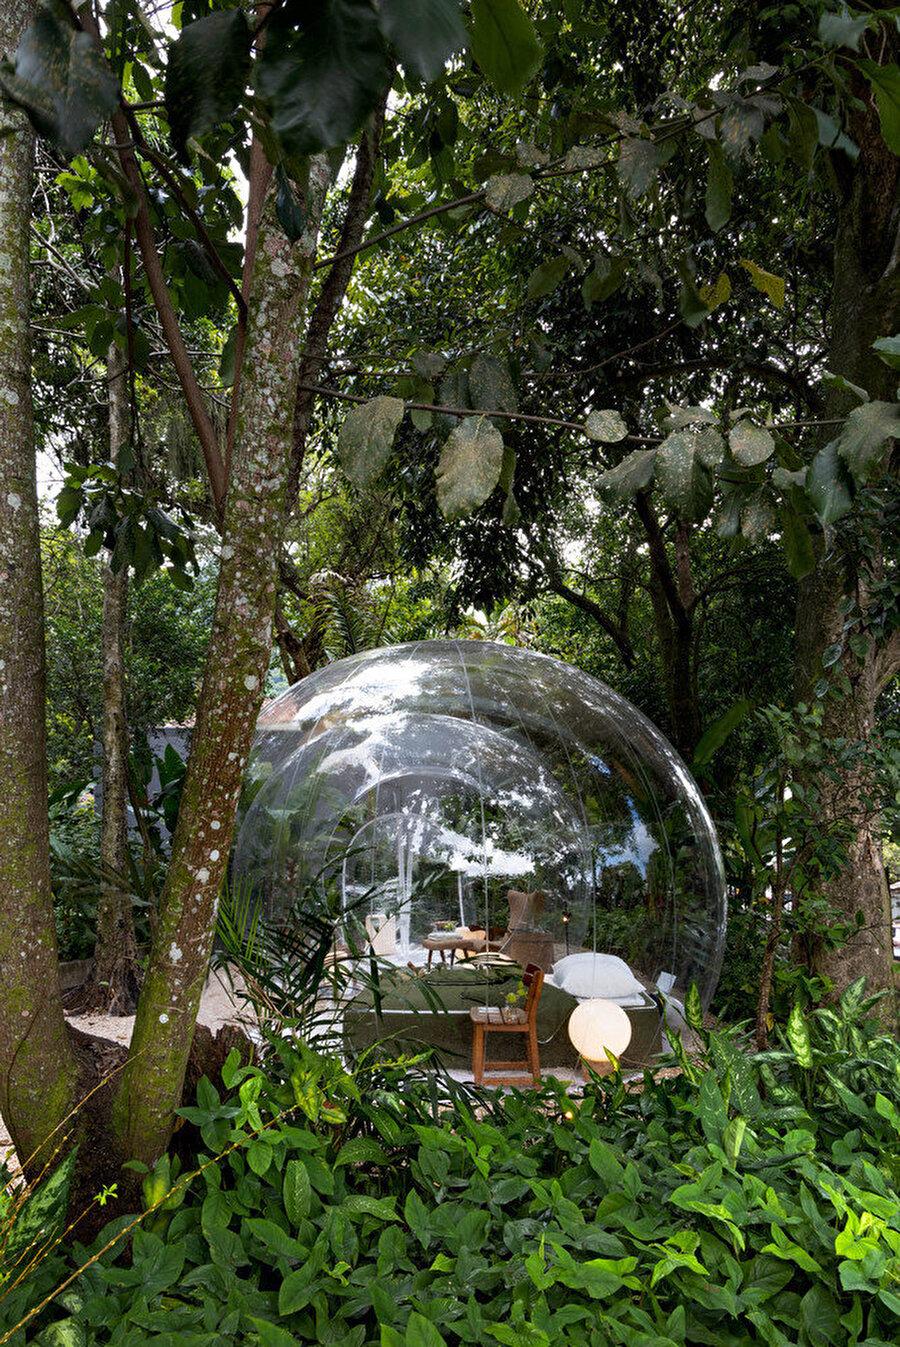 Şeffaf baloncuklar 360° görüş sağlıyor.